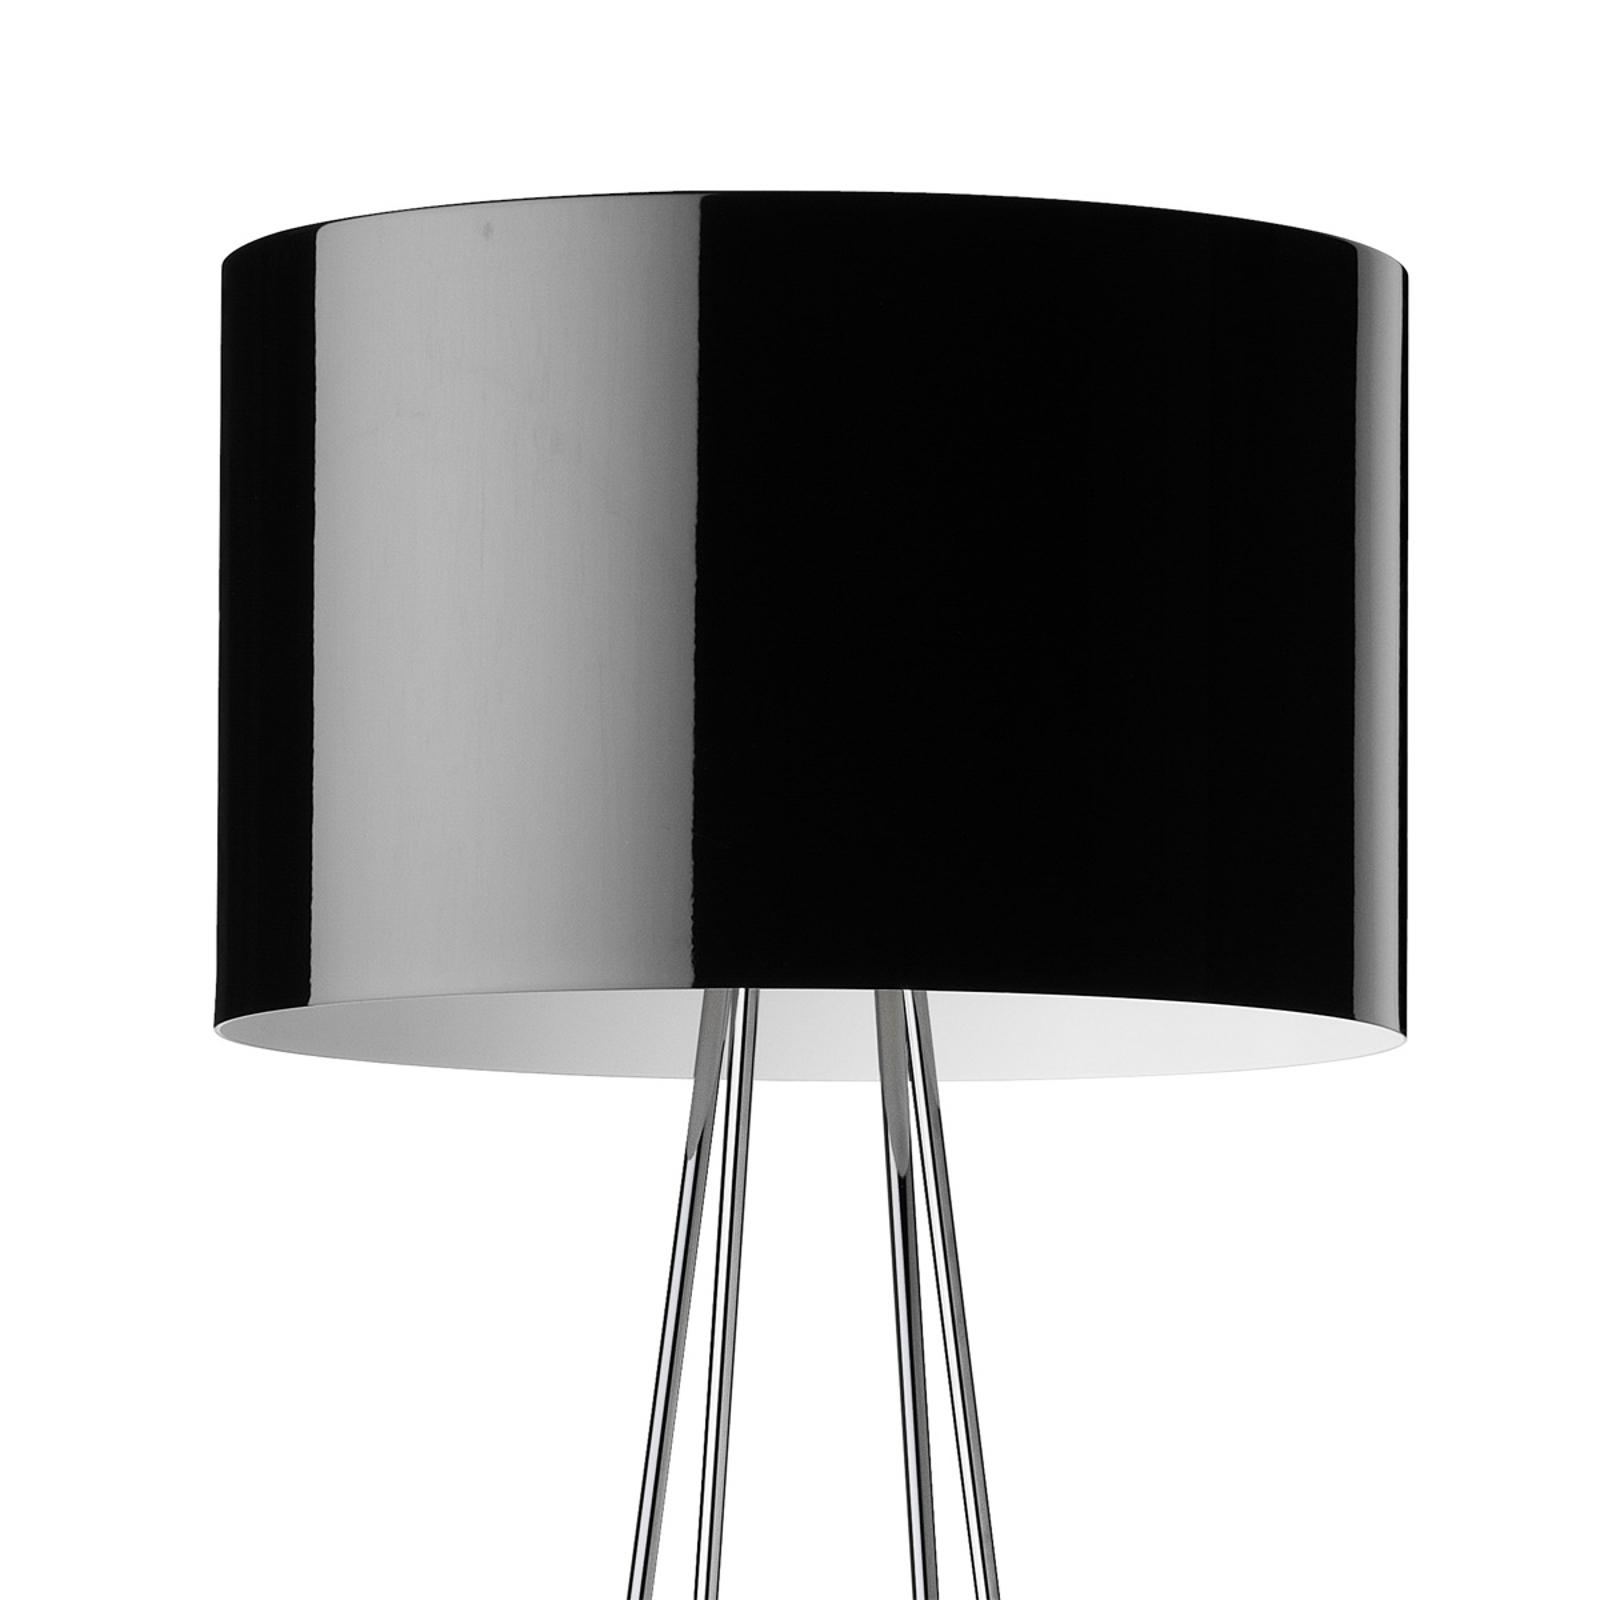 Golvlampa RAY F2 med svart skärm och dimmer